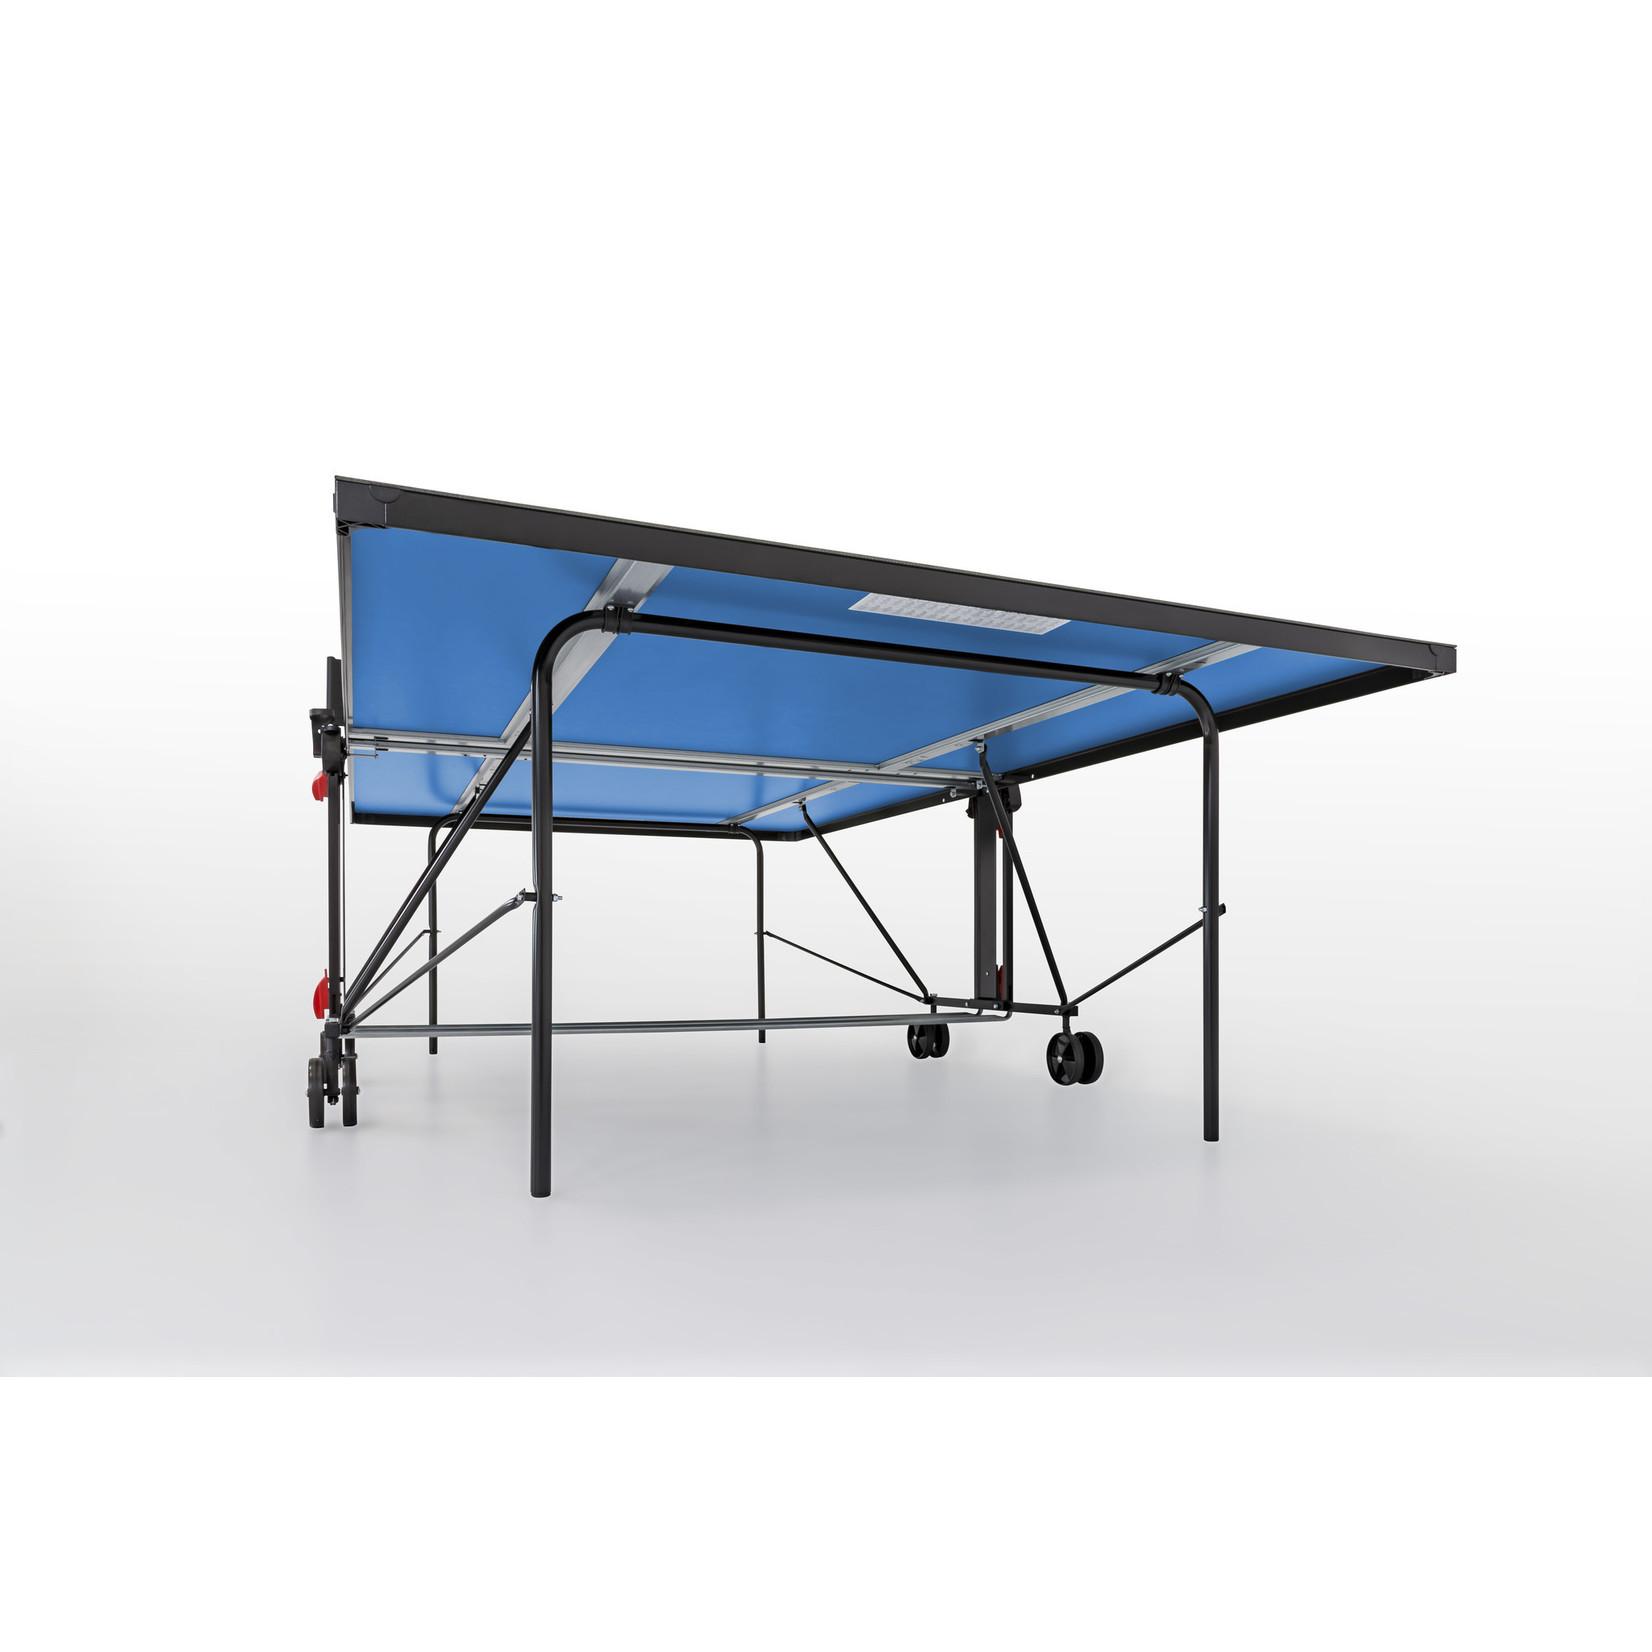 SPONETA Tafeltennistafel Outdoor S 1-43 e